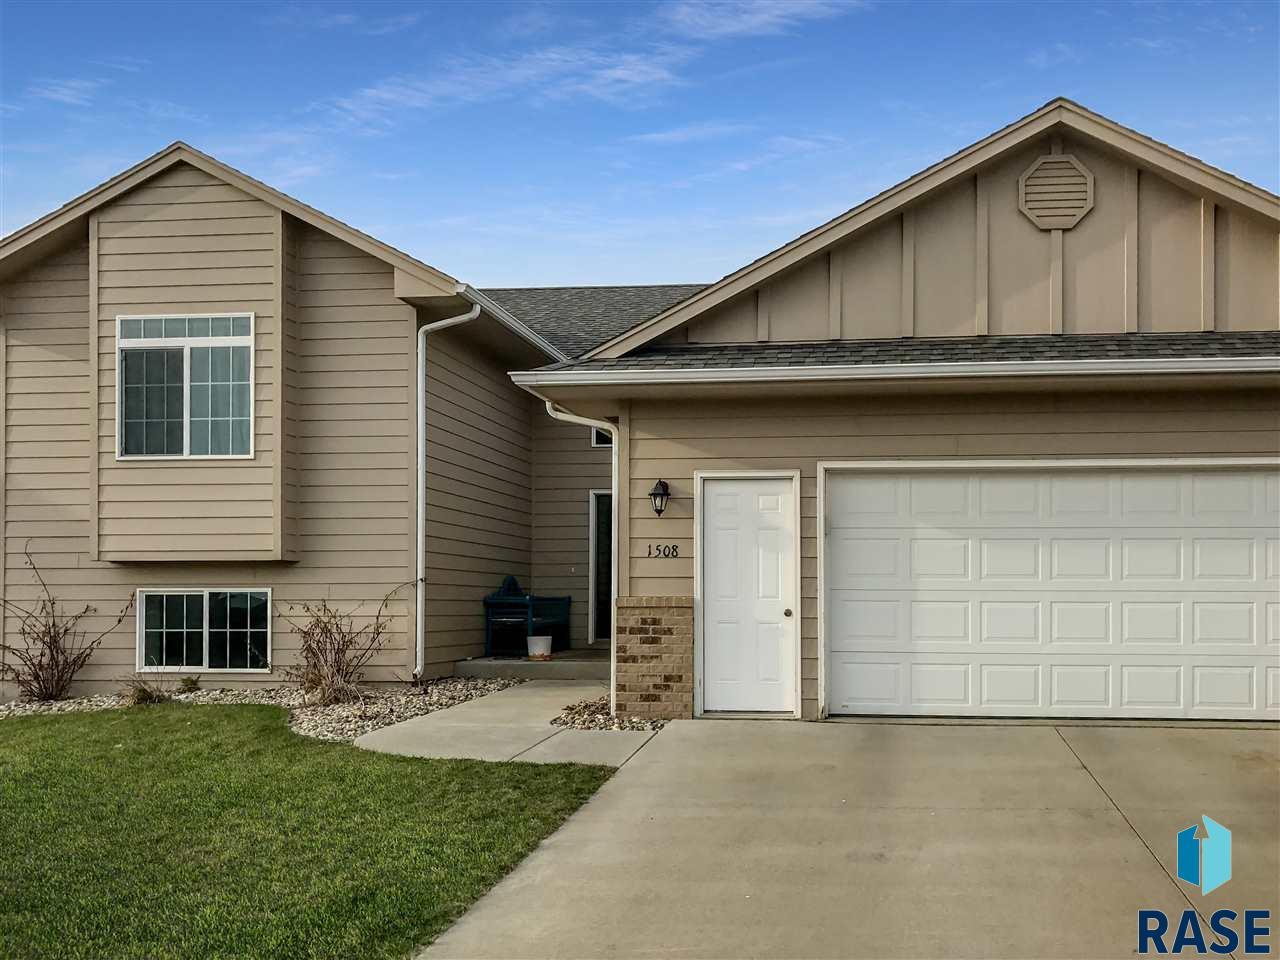 1508 E 67th St N, Sioux Falls, SD 57104